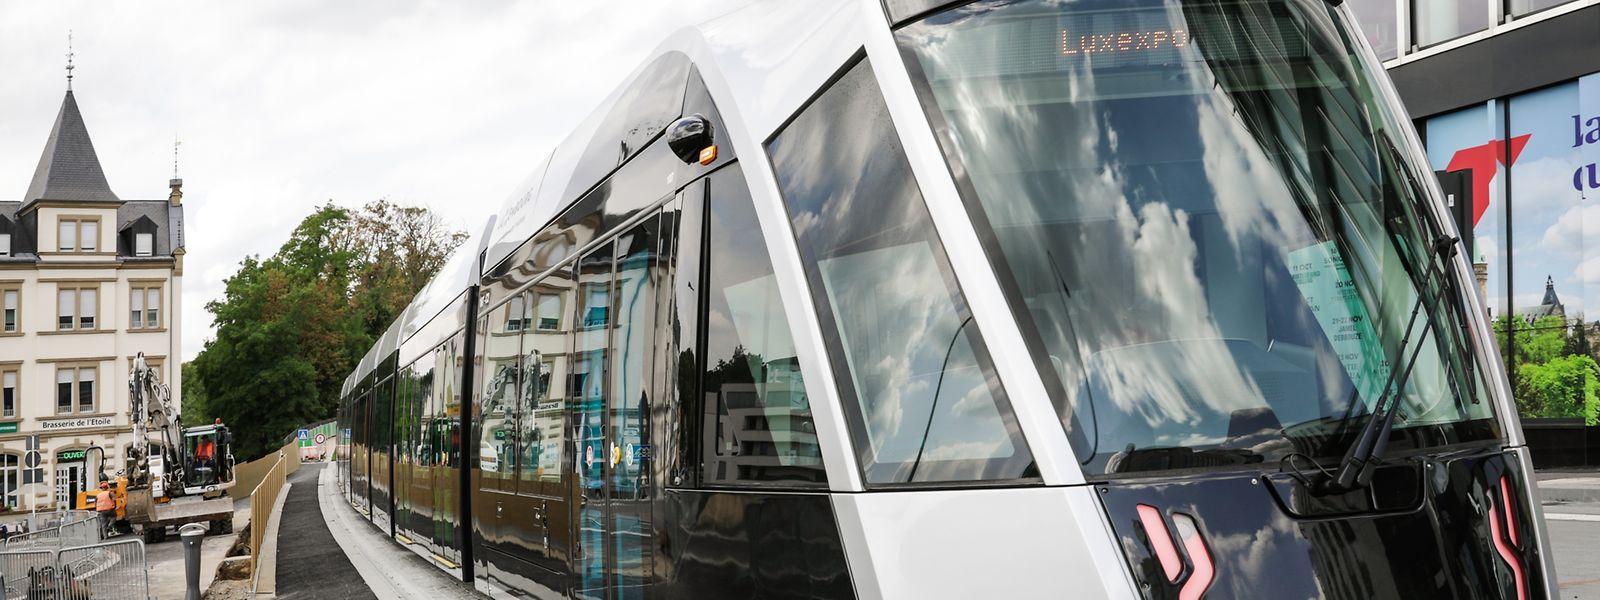 Seit einem Monat fährt die Tram nun über die Rote Brücke bis zur Stäreplaz. 17 bis 20 Minuten dauert die gesamte Fahrt von der Luxexpo bis zur neuen Endstation.